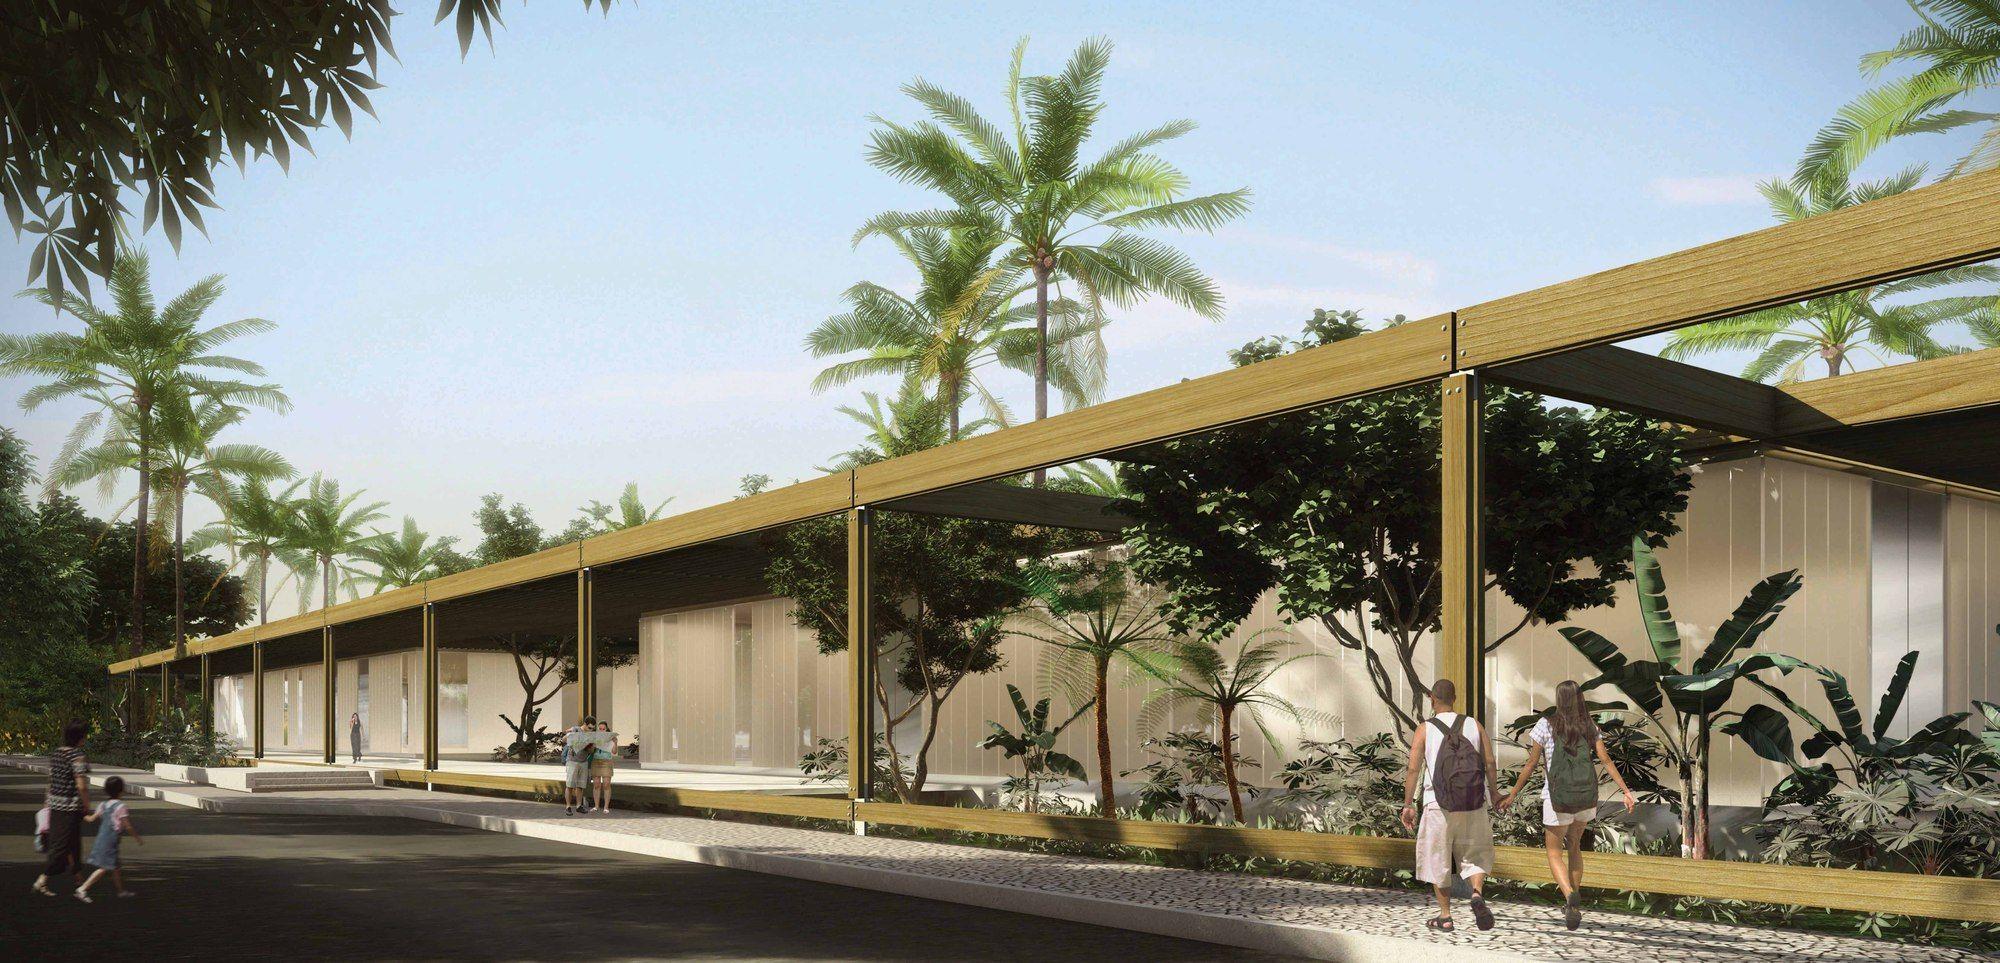 Menção Honrosa no Concurso para o Centro Cultural de Eventos e Exposições em Paraty / Filipe Gebrim Doria